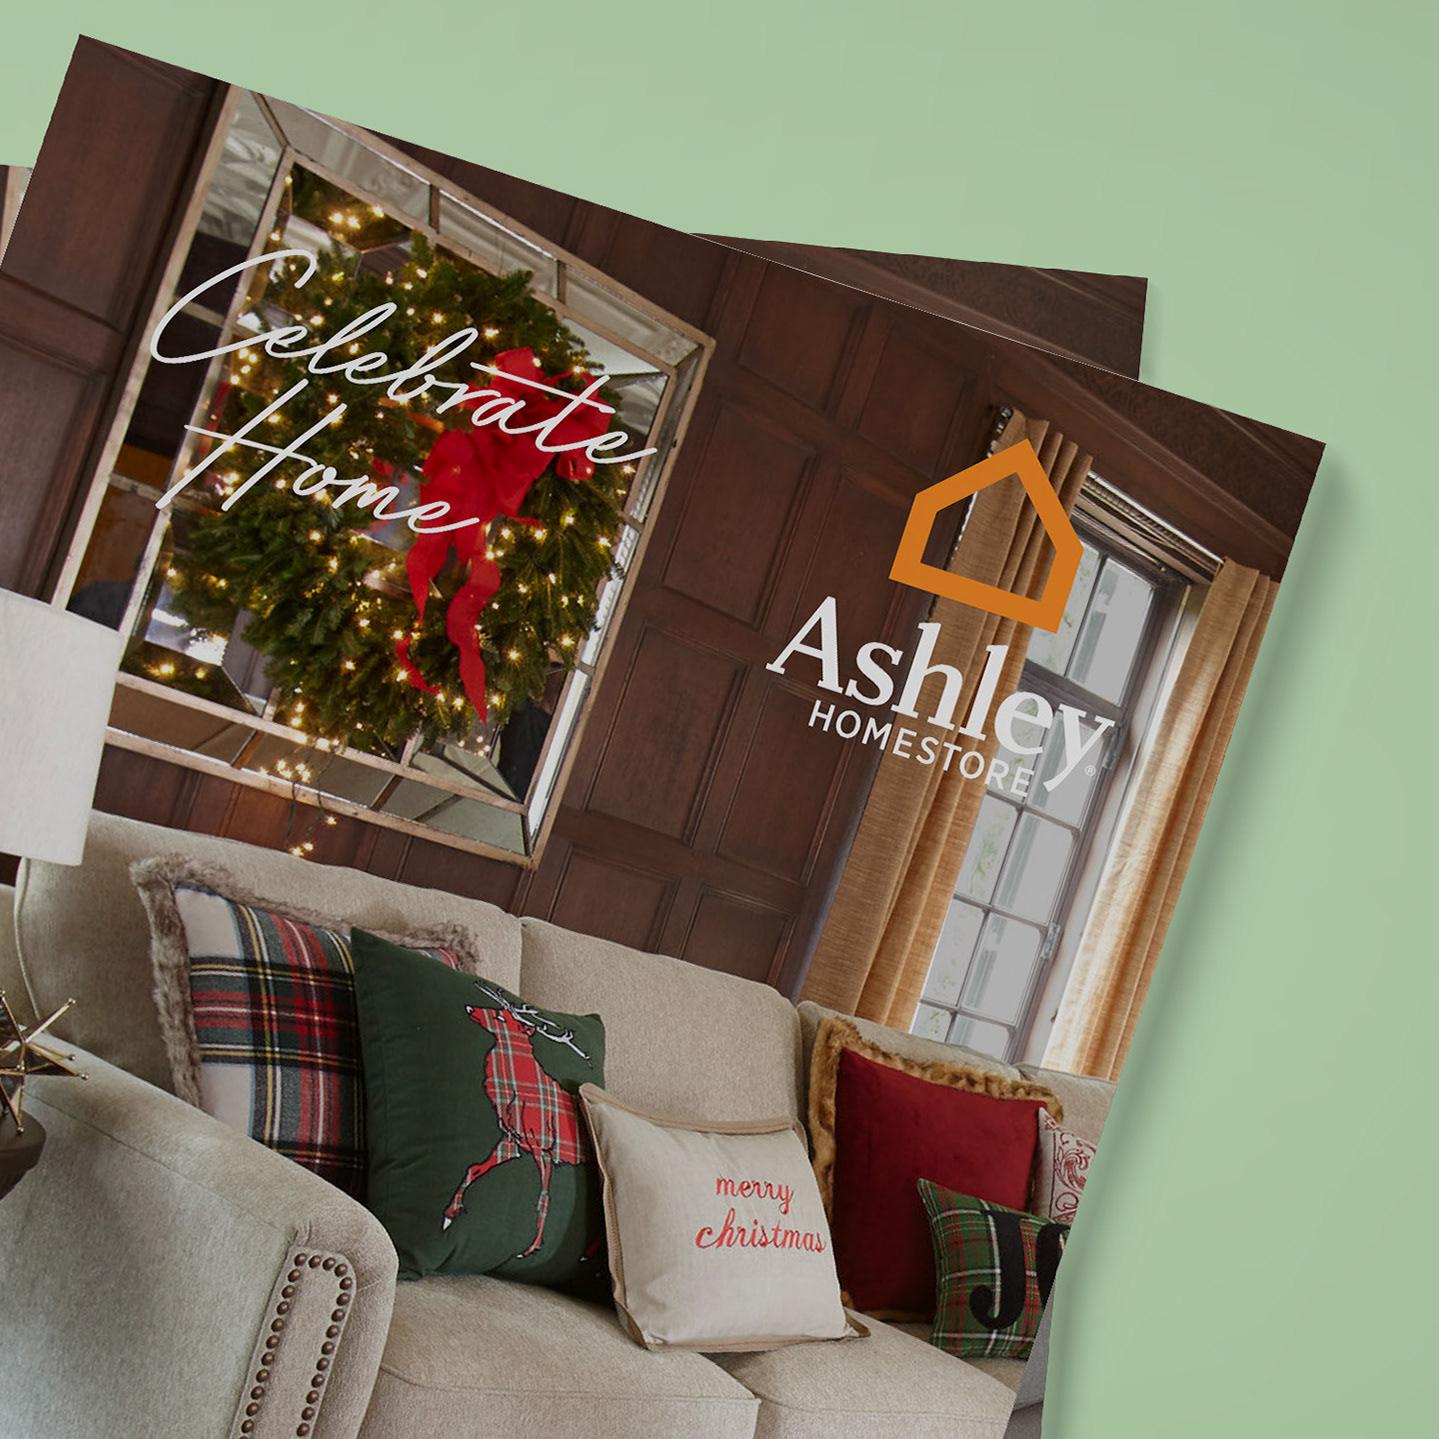 Ashley HomeStores